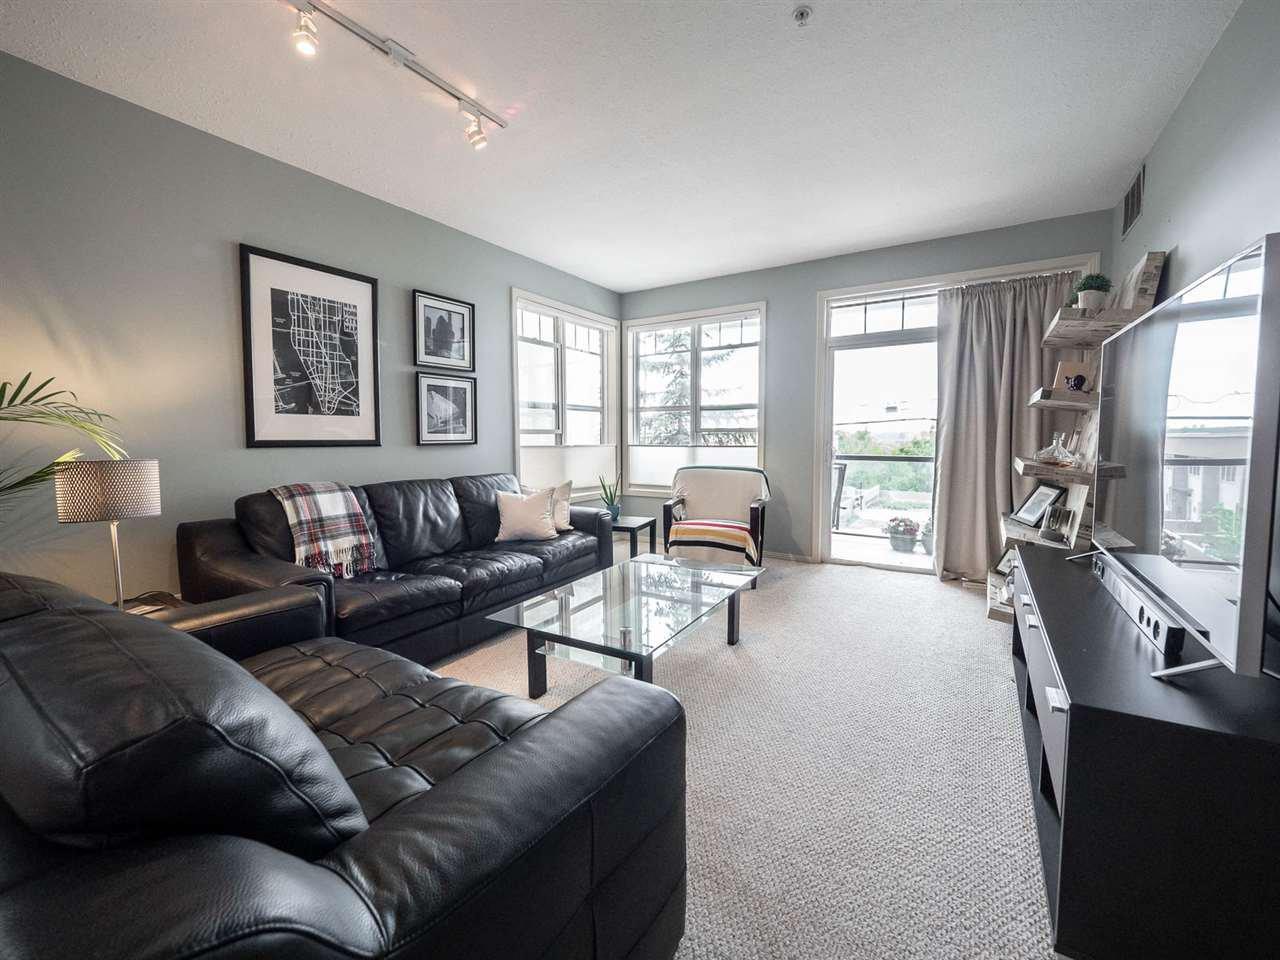 Main Photo: 207 9828 112 Street in Edmonton: Zone 12 Condo for sale : MLS®# E4173279